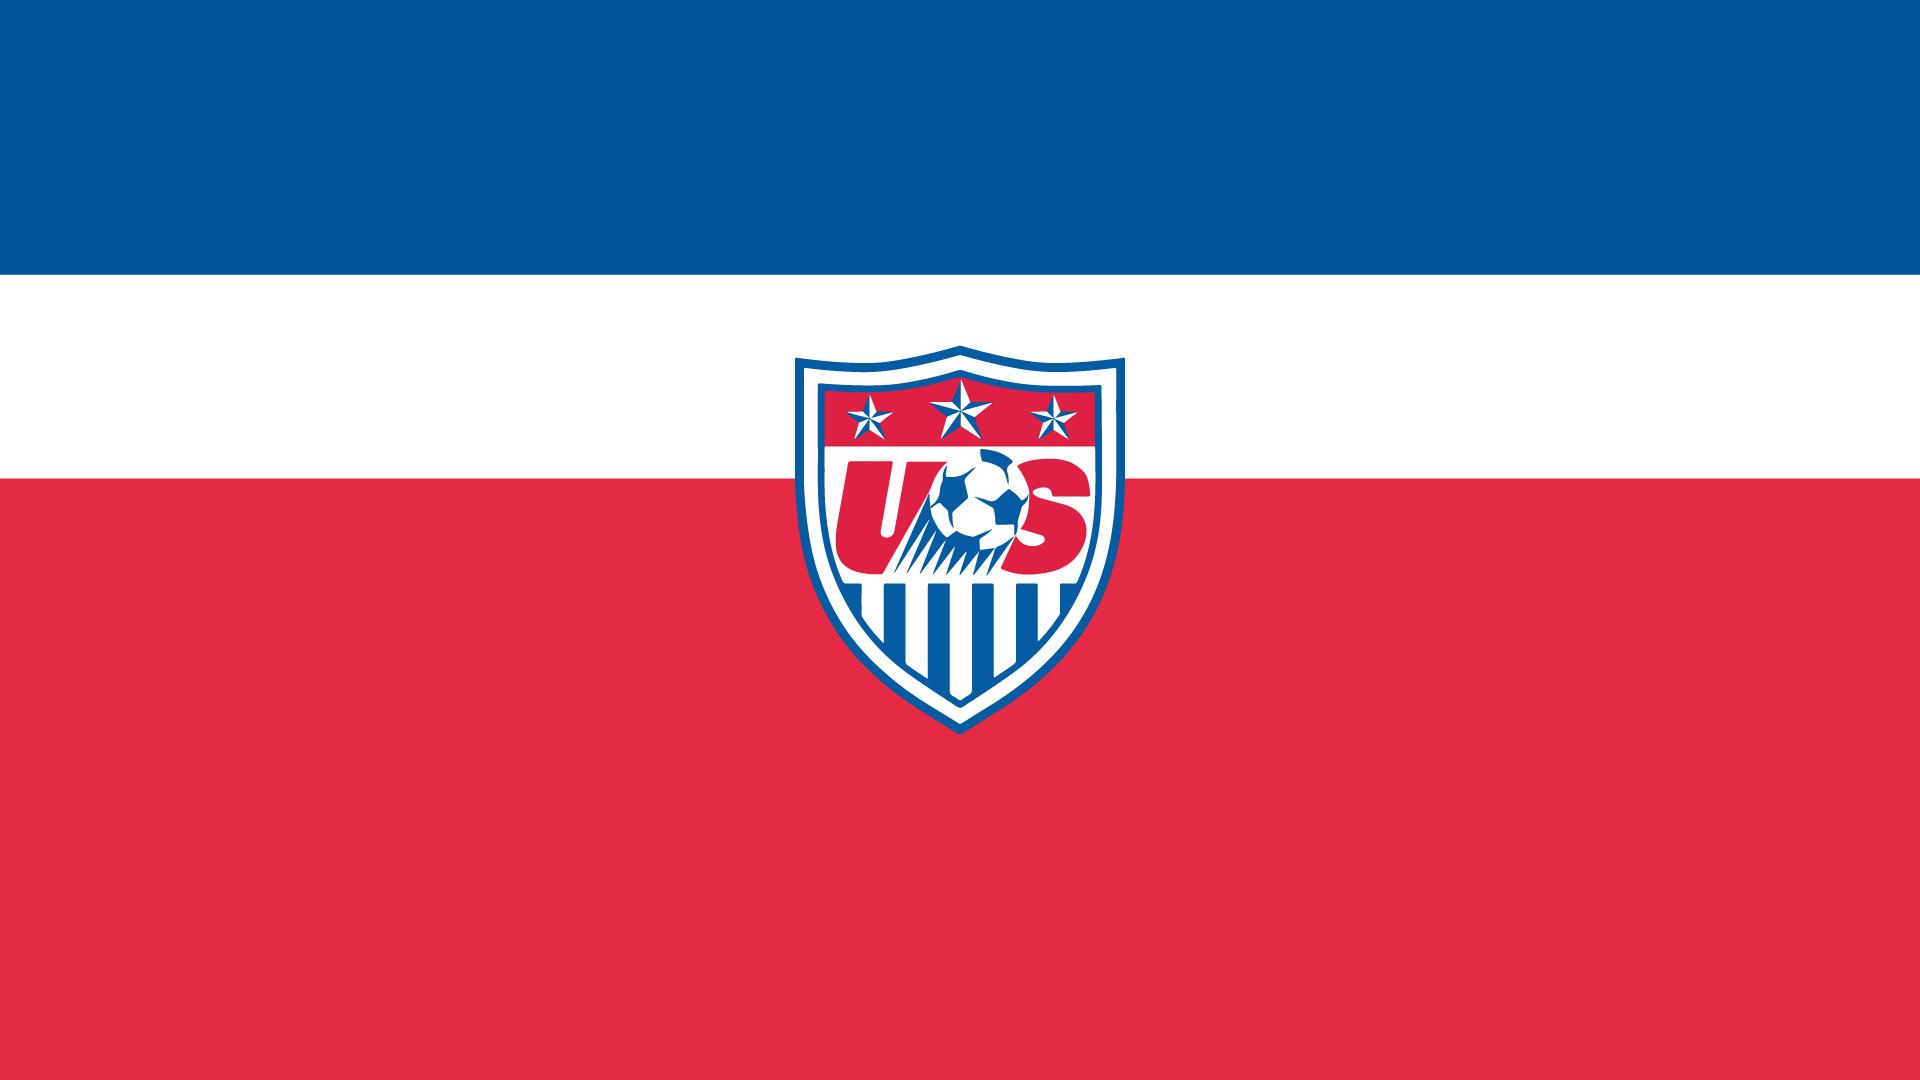 brevado soccer betting websites usa